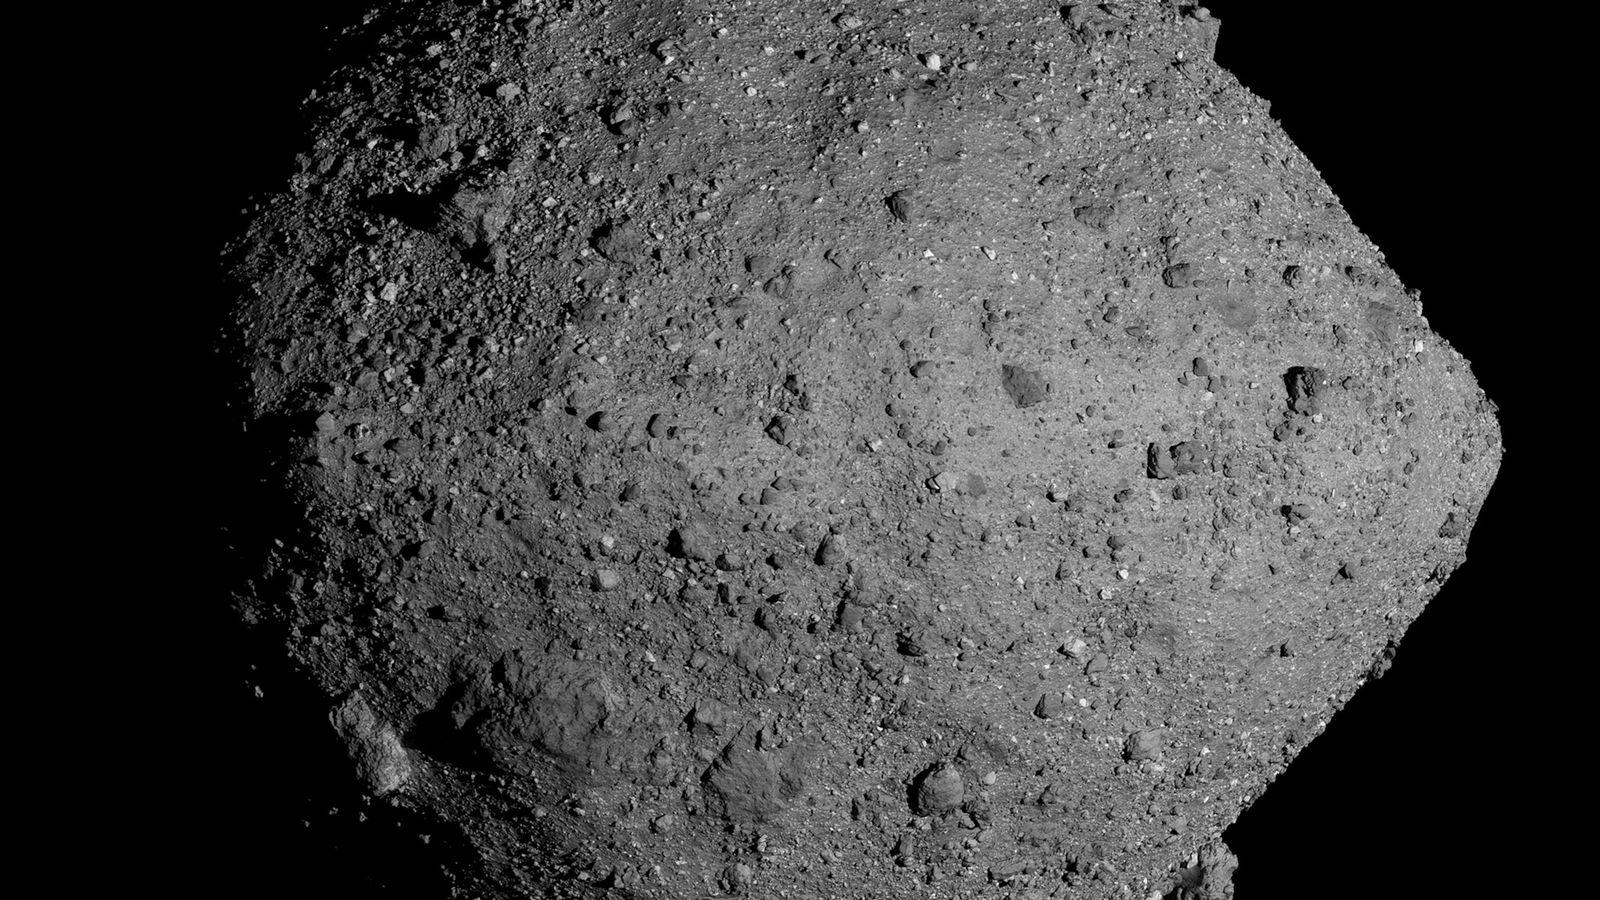 Wissenschaftler der NASA haben berechnet, dass von dem Asteroiden Bennu – obwohl die Wahrscheinlichkeit nur gering ...